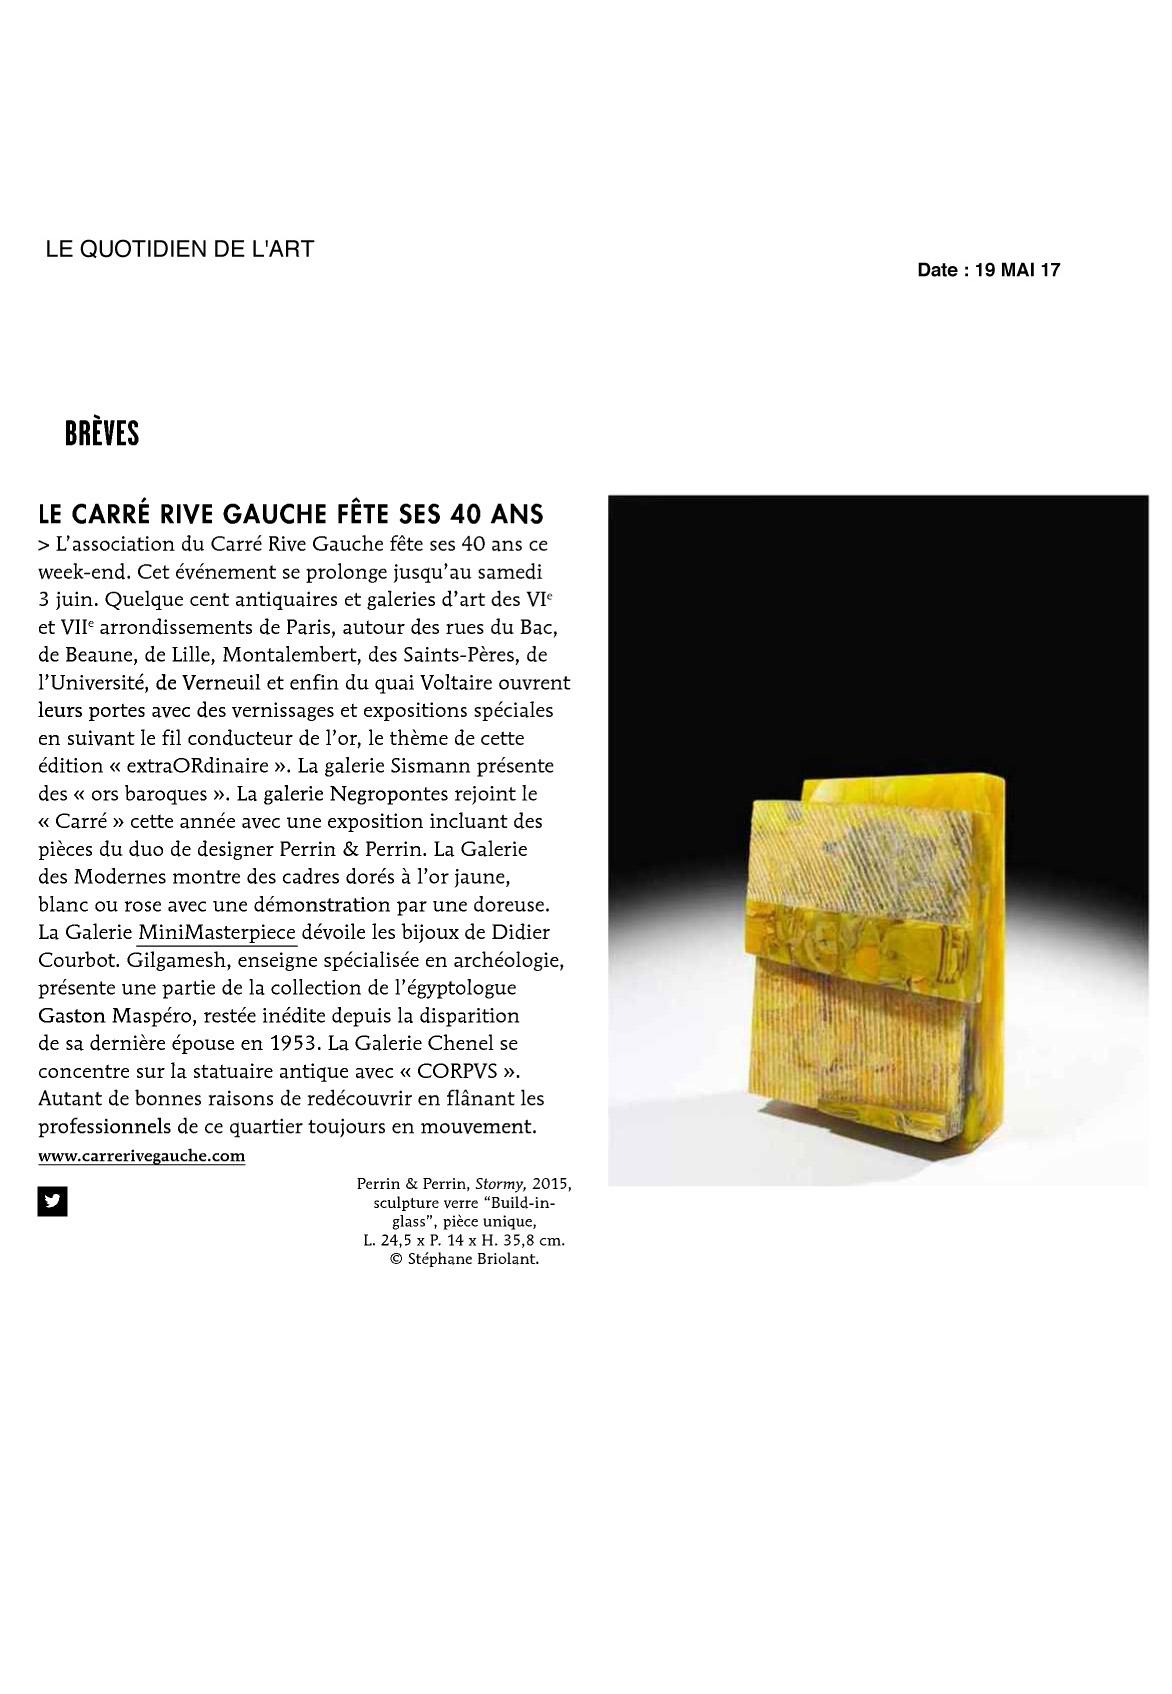 LE_QUOTIDIEN_DE_L_ART-19mai2017